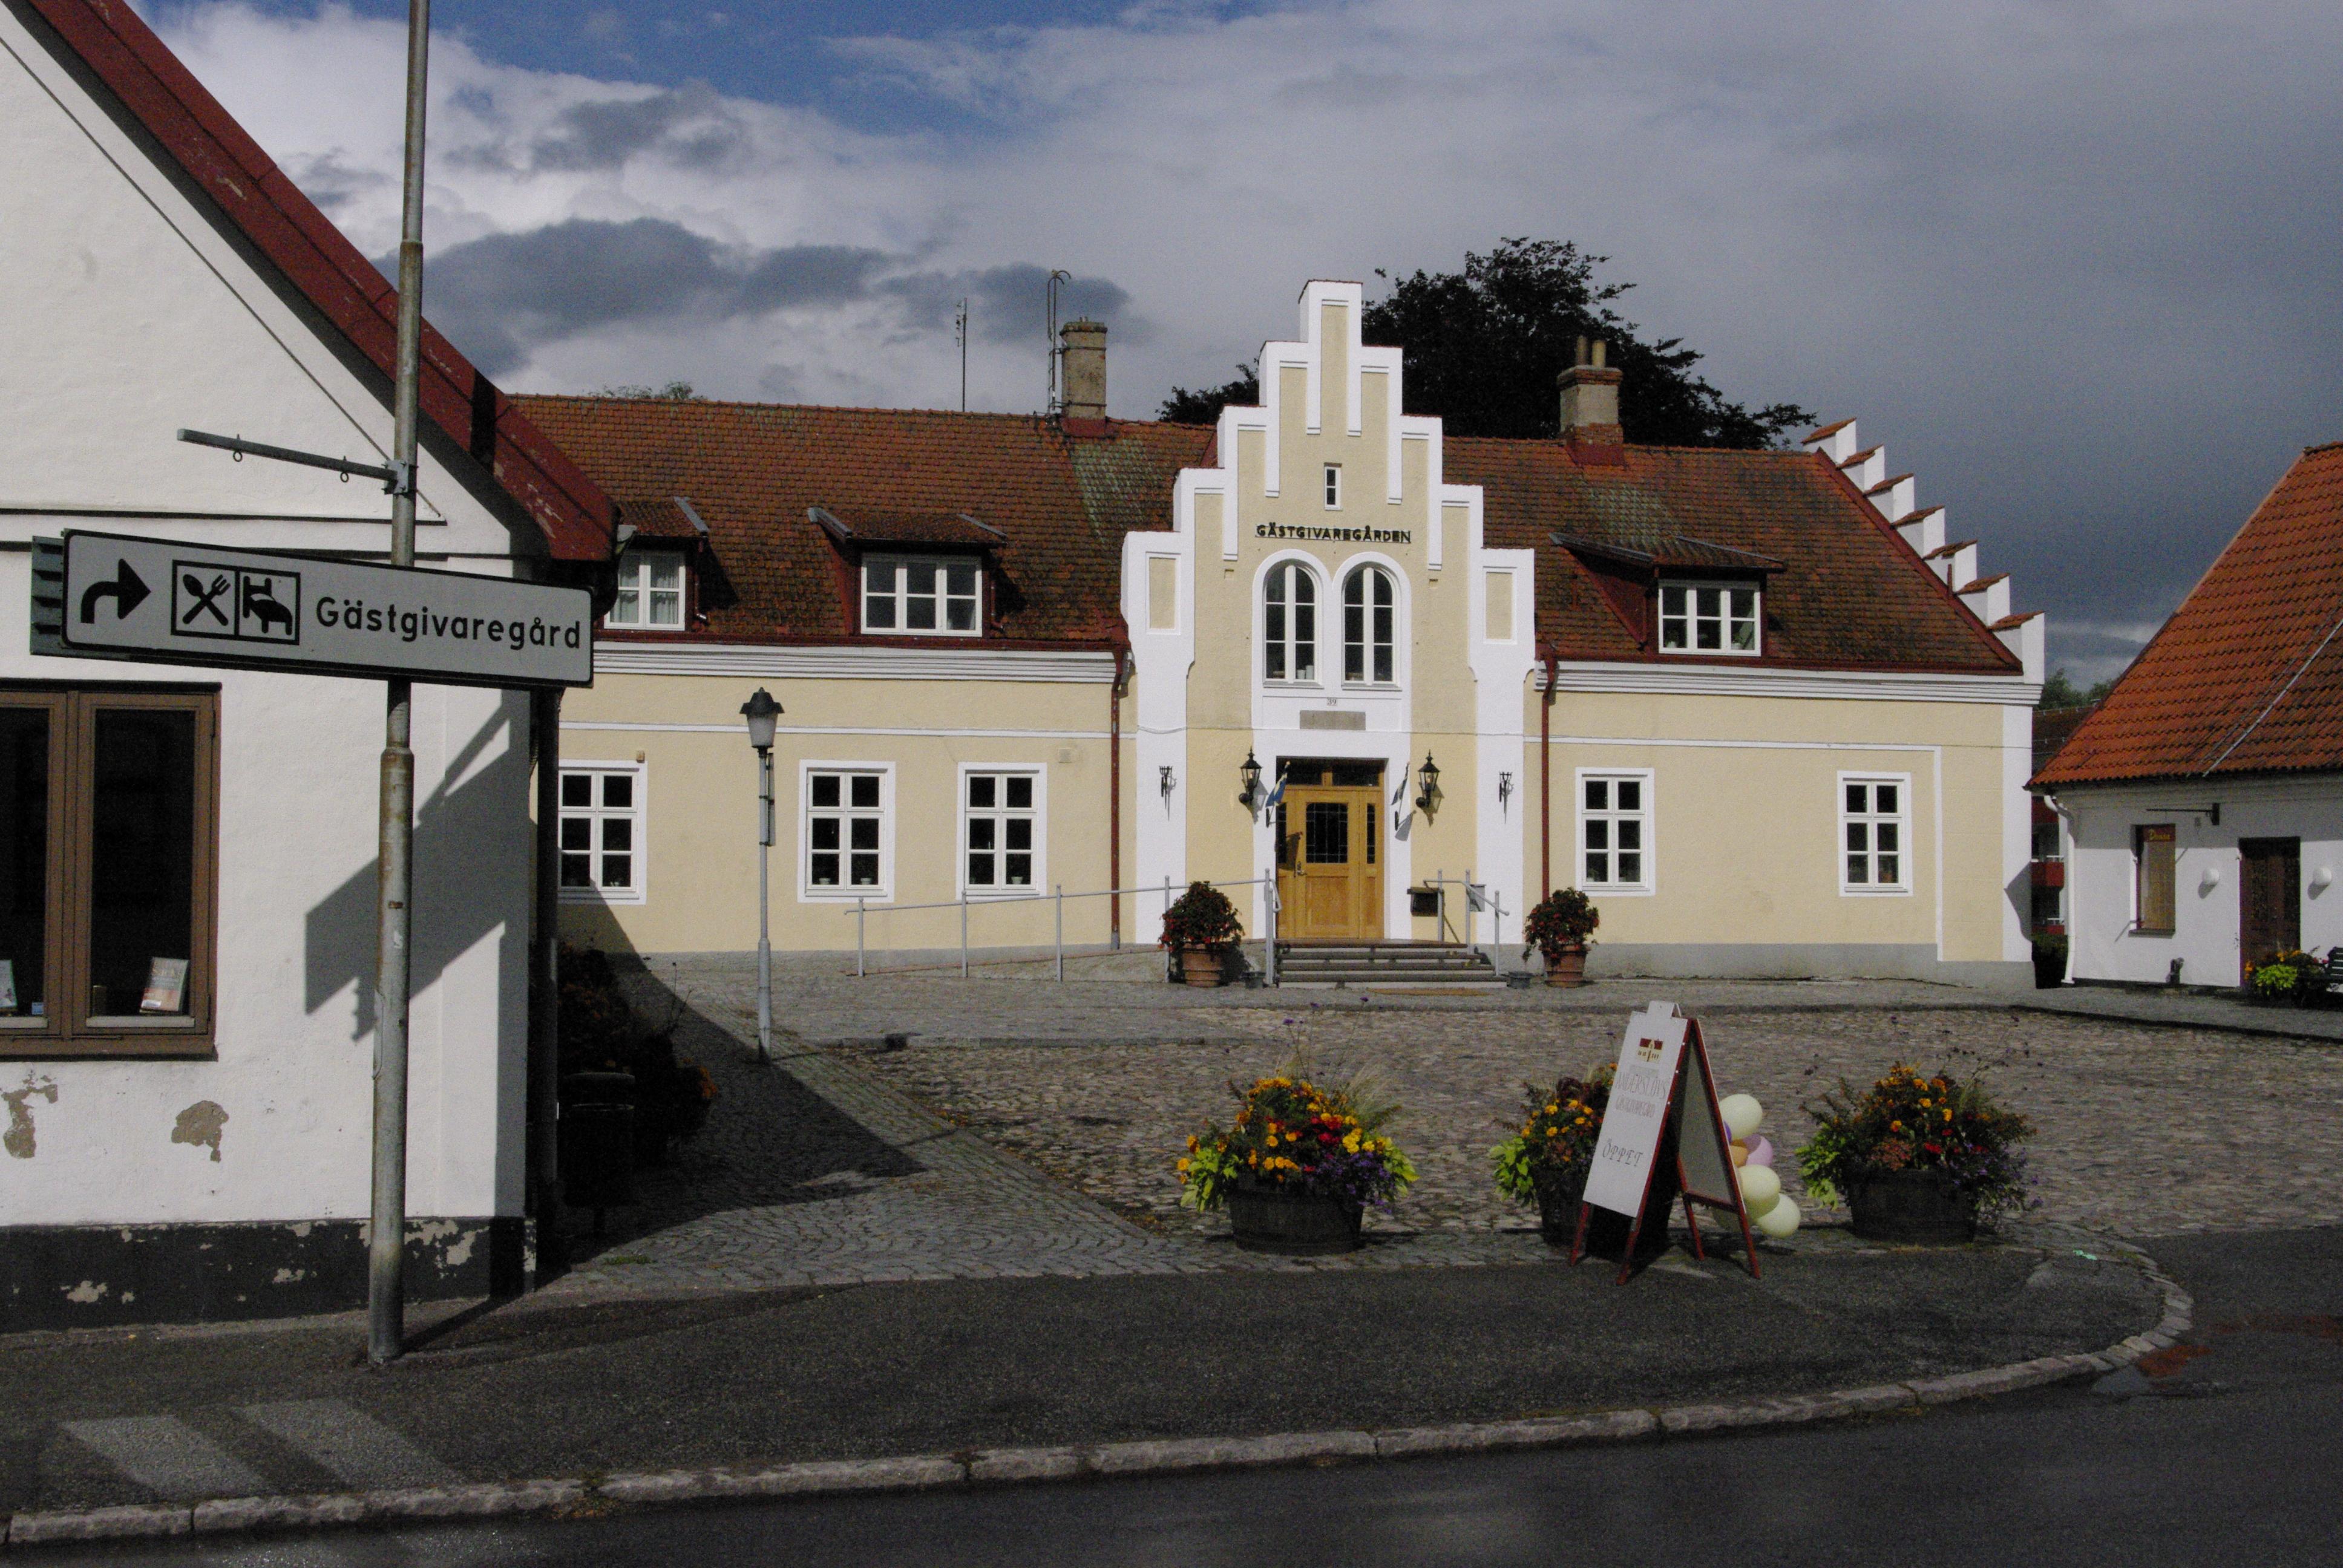 Anderslv, Trelleborgs Kommun, Skne ln, Sweden